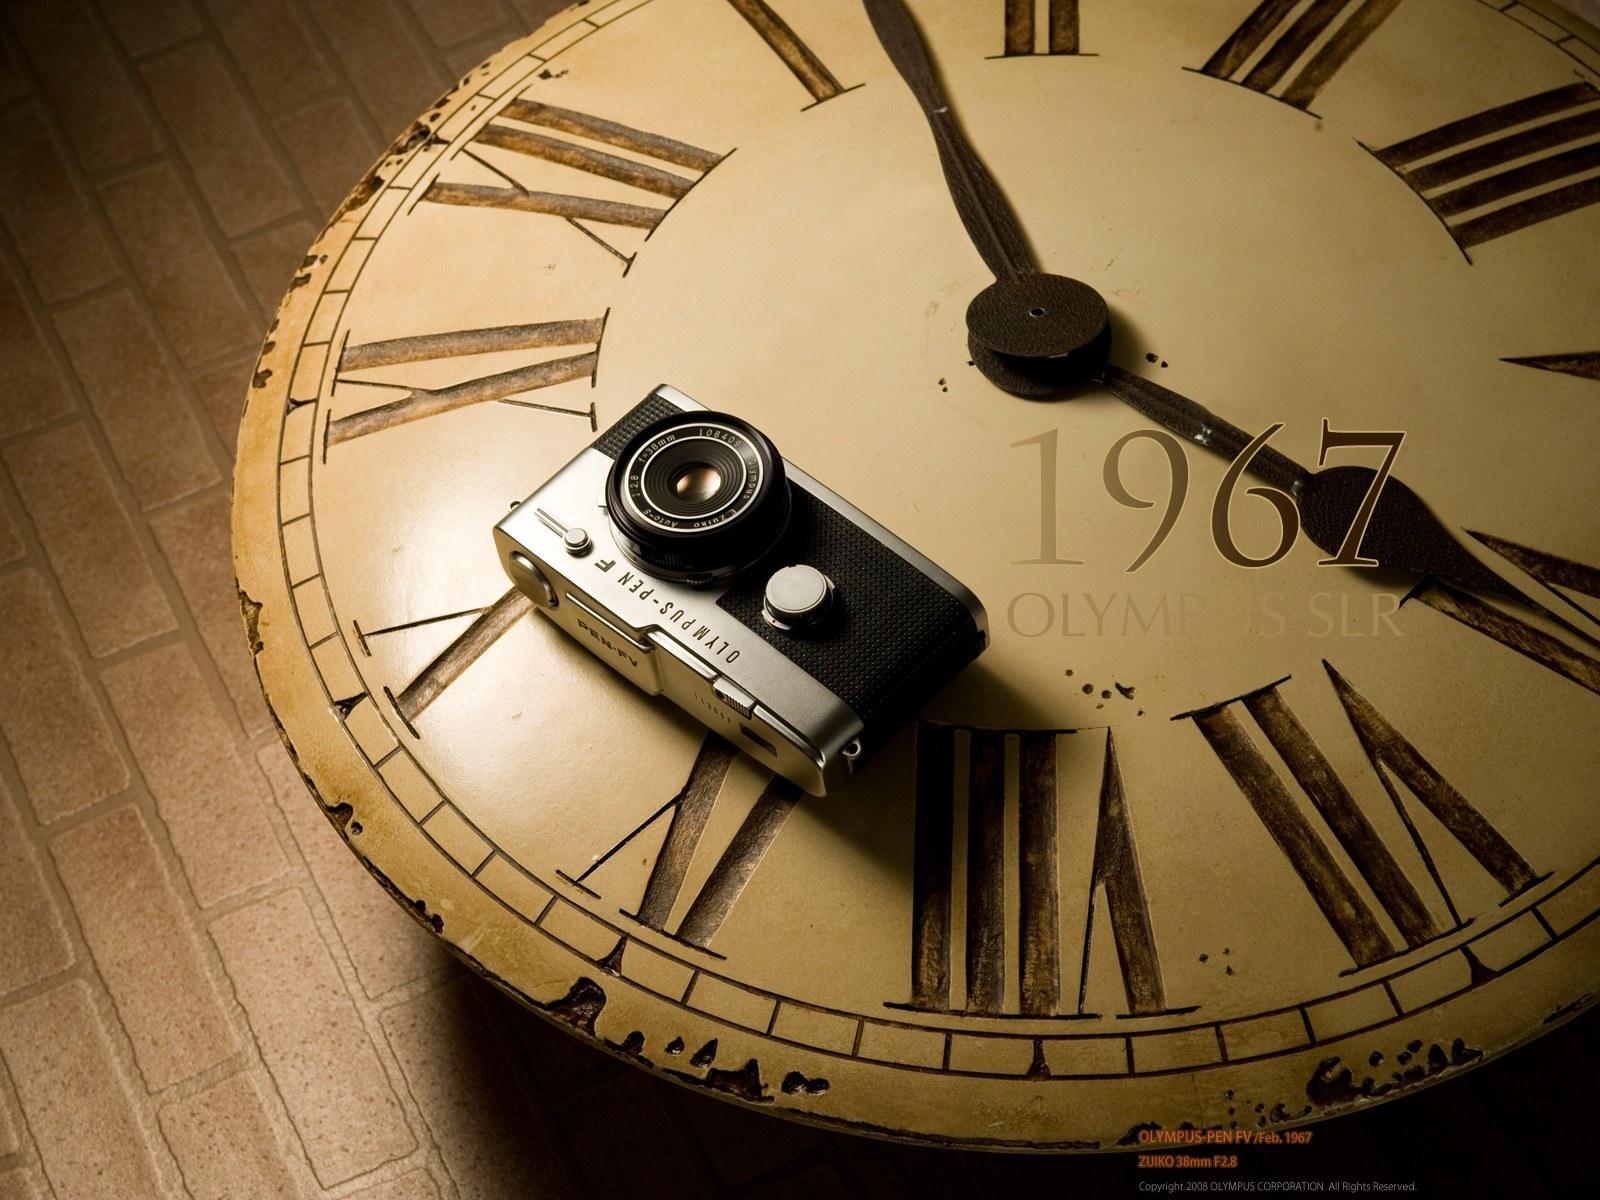 壁纸1600×1200Olympus 奥林巴斯相机纪念壁纸 三 奥林巴斯相机 1967 Oplympus SLR Camera壁纸 Olympus 奥林巴斯相机三壁纸图片广告壁纸广告图片素材桌面壁纸